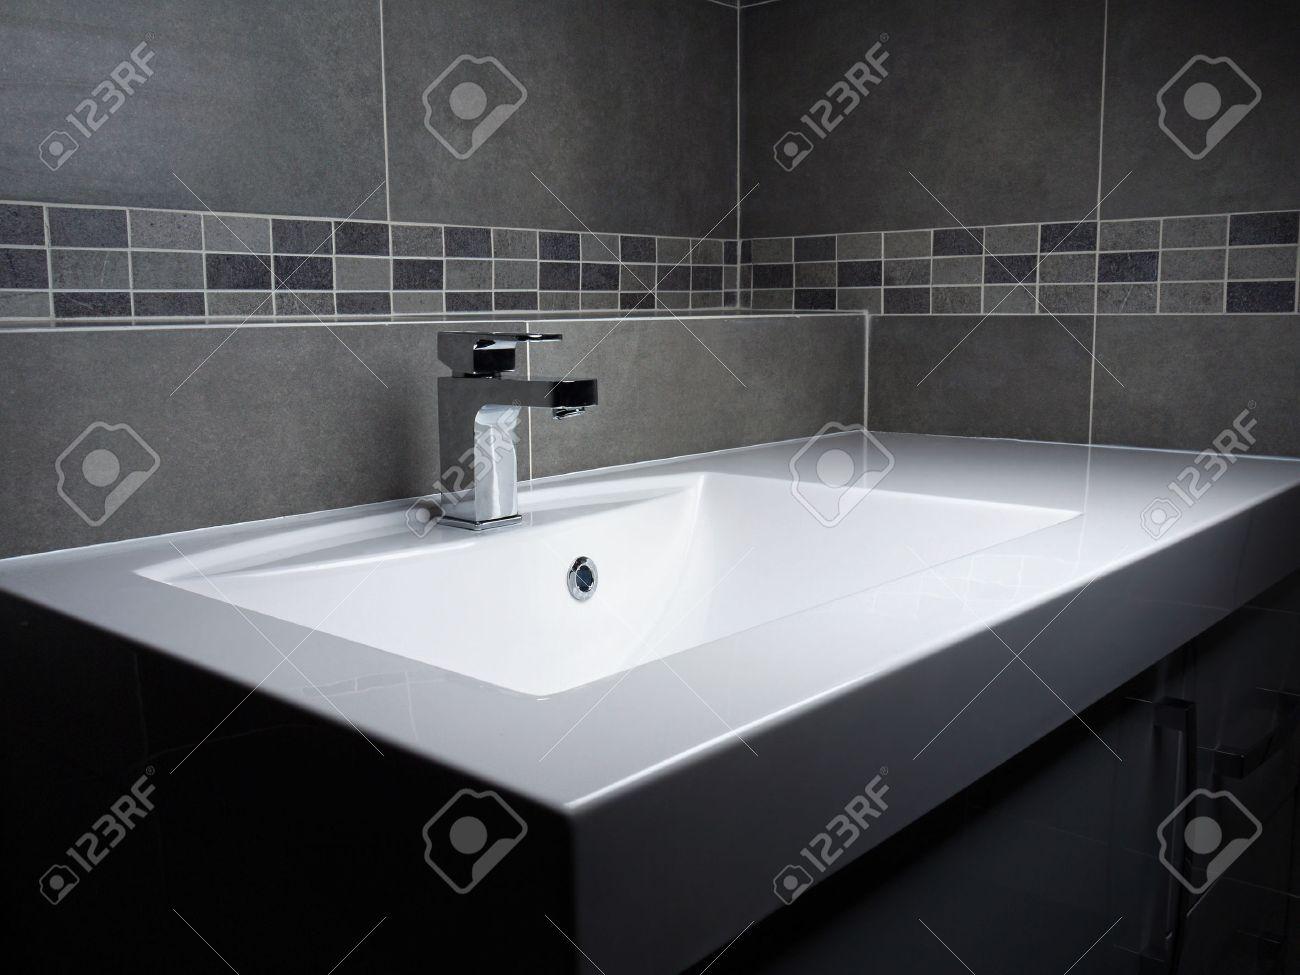 salle de bains moderne lavabo avec robinet chrome et de carrelage gris